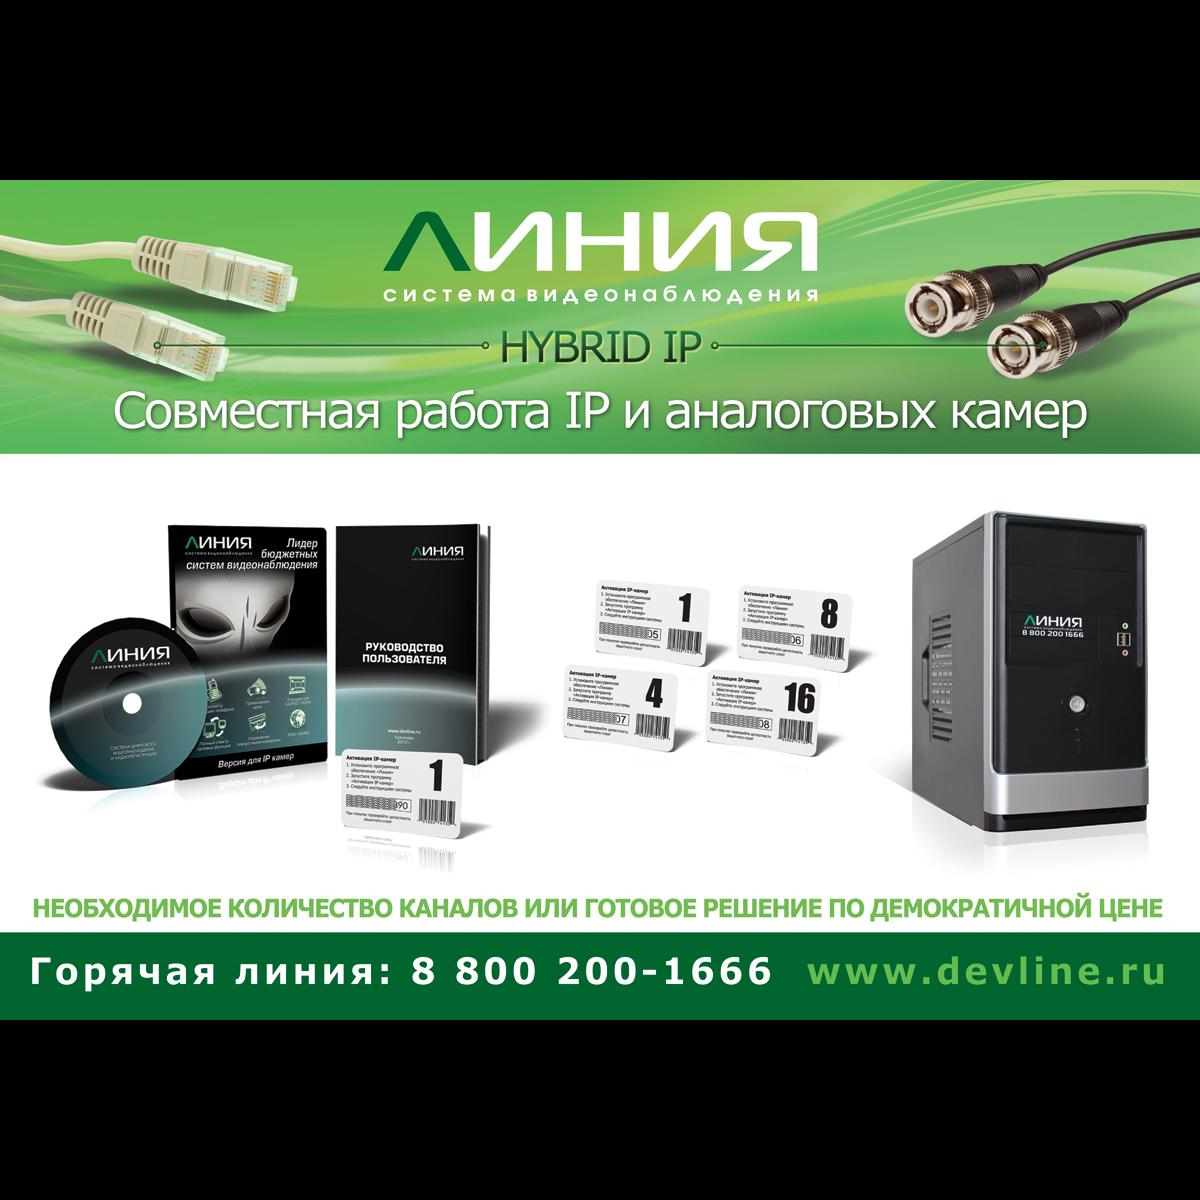 Коробочная версия лицензии Линия IP 128 для подключения 128 IP-видеокамер. Количество каналов: видео - 128, аудио - 128, до 25 к/с на канал.